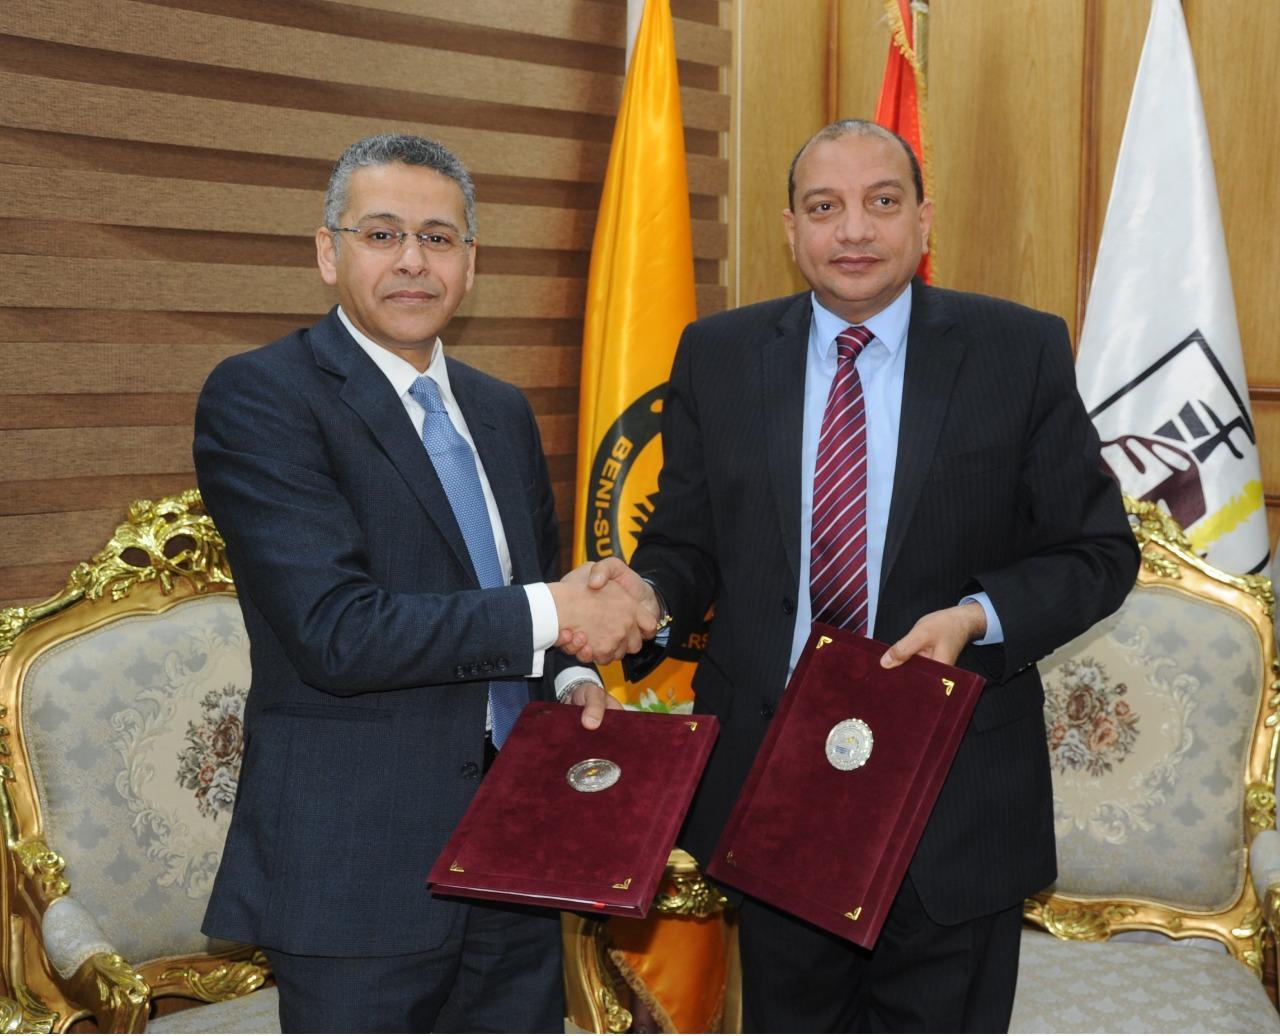 بنك مصر يوقع بروتوكول لتطوير ودعم الكفاءات من طلاب وخريجي جامعة بني سويف بالتعاون مع الجامعة